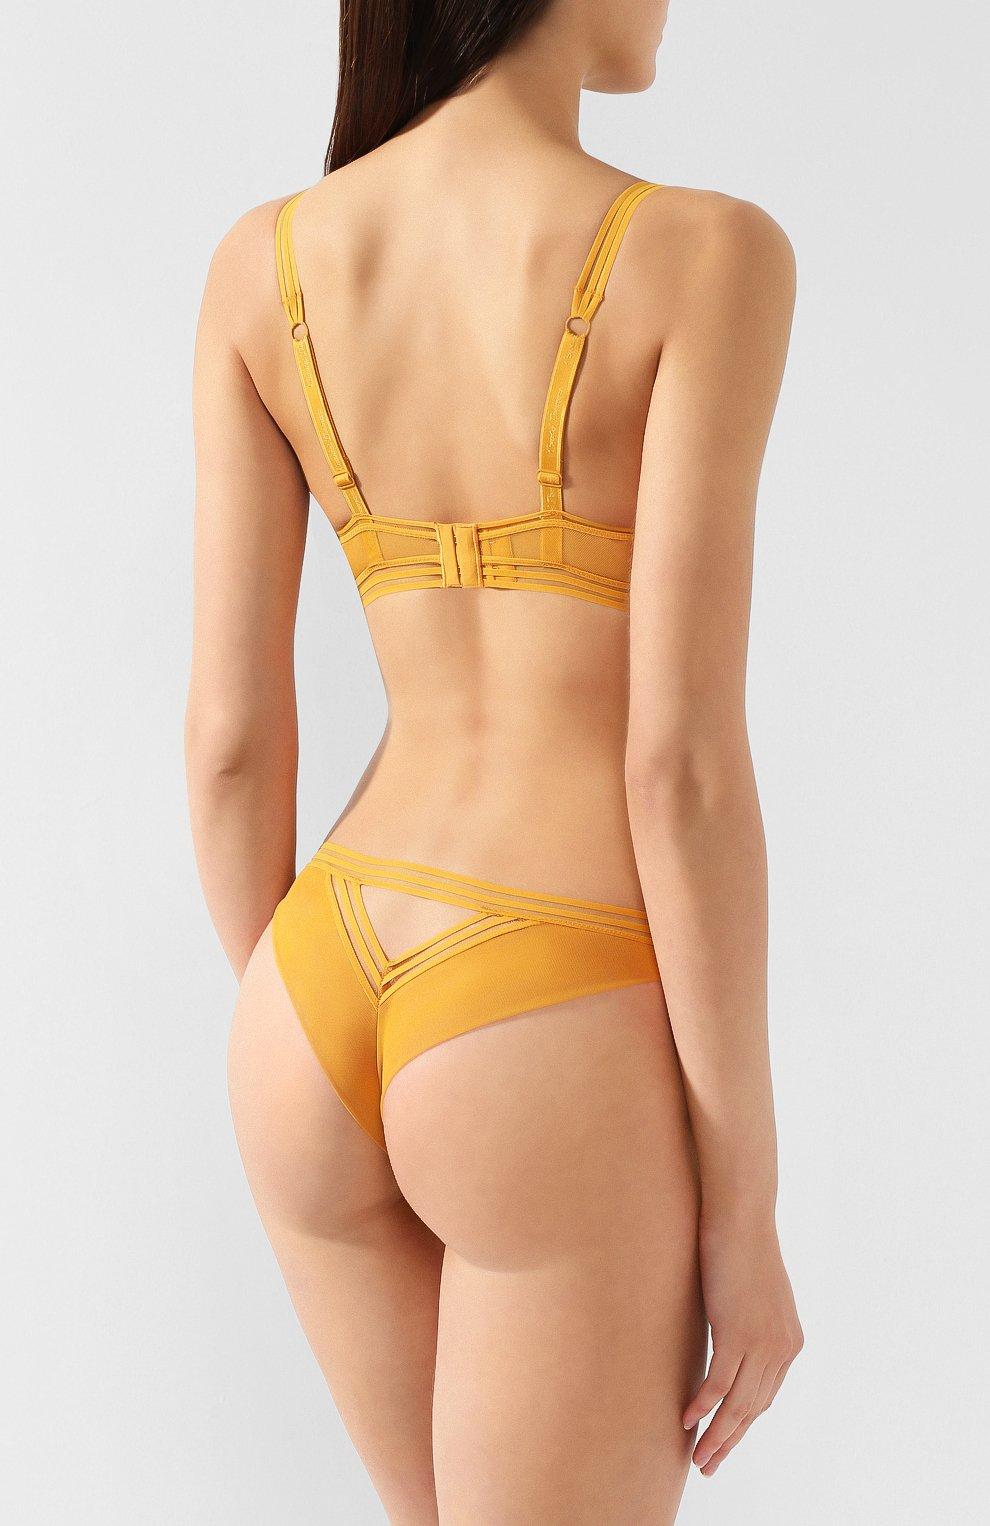 Женский бюстгальтер с плотной чашкой CHANTAL THOMASS желтого цвета, арт. 03C2_желт | Фото 3